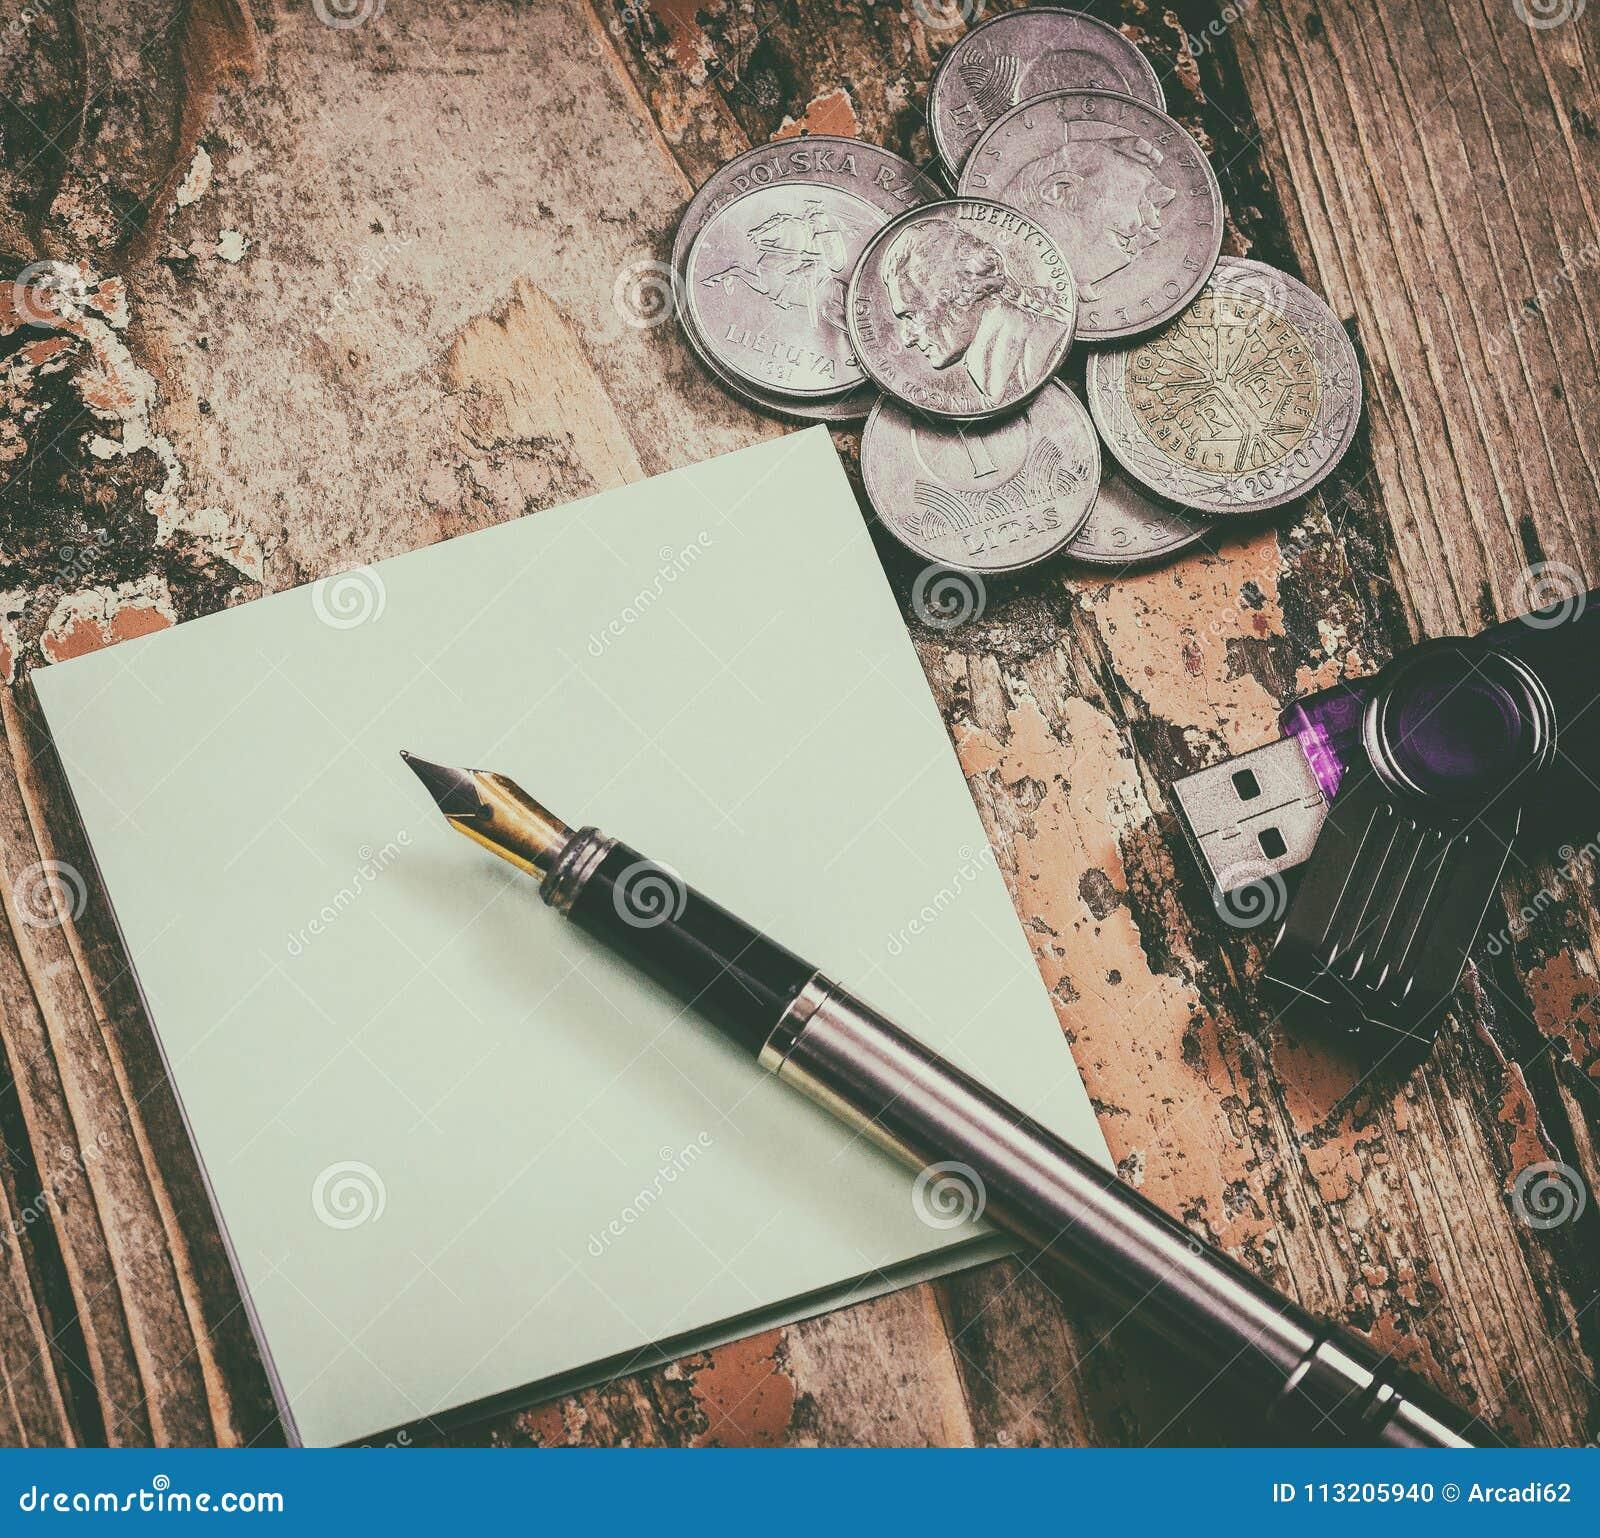 Coins, pen